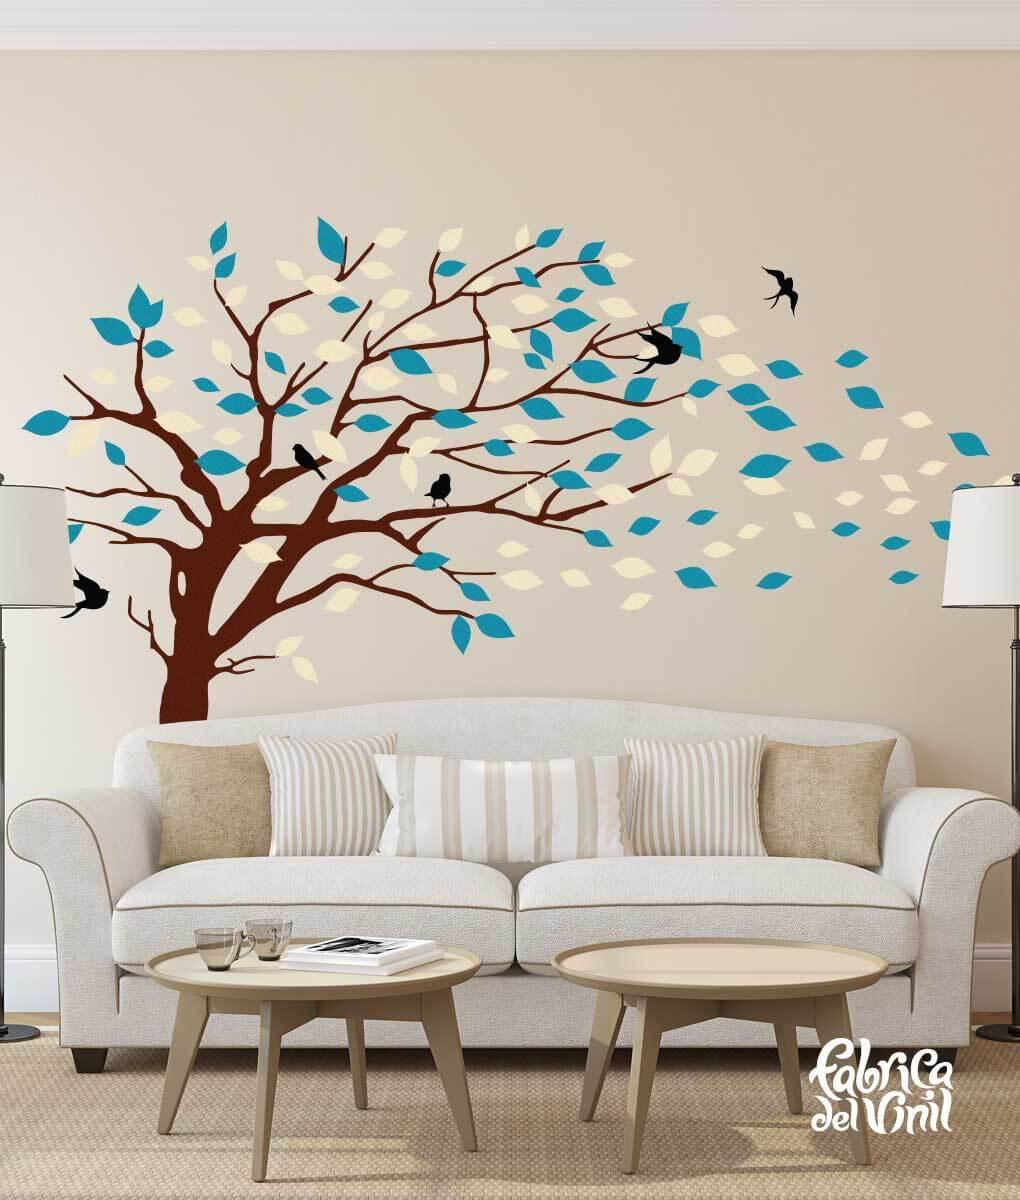 Árbol Inclinado por el Viento Vinil Decorativo / Wall Decal Windy ...